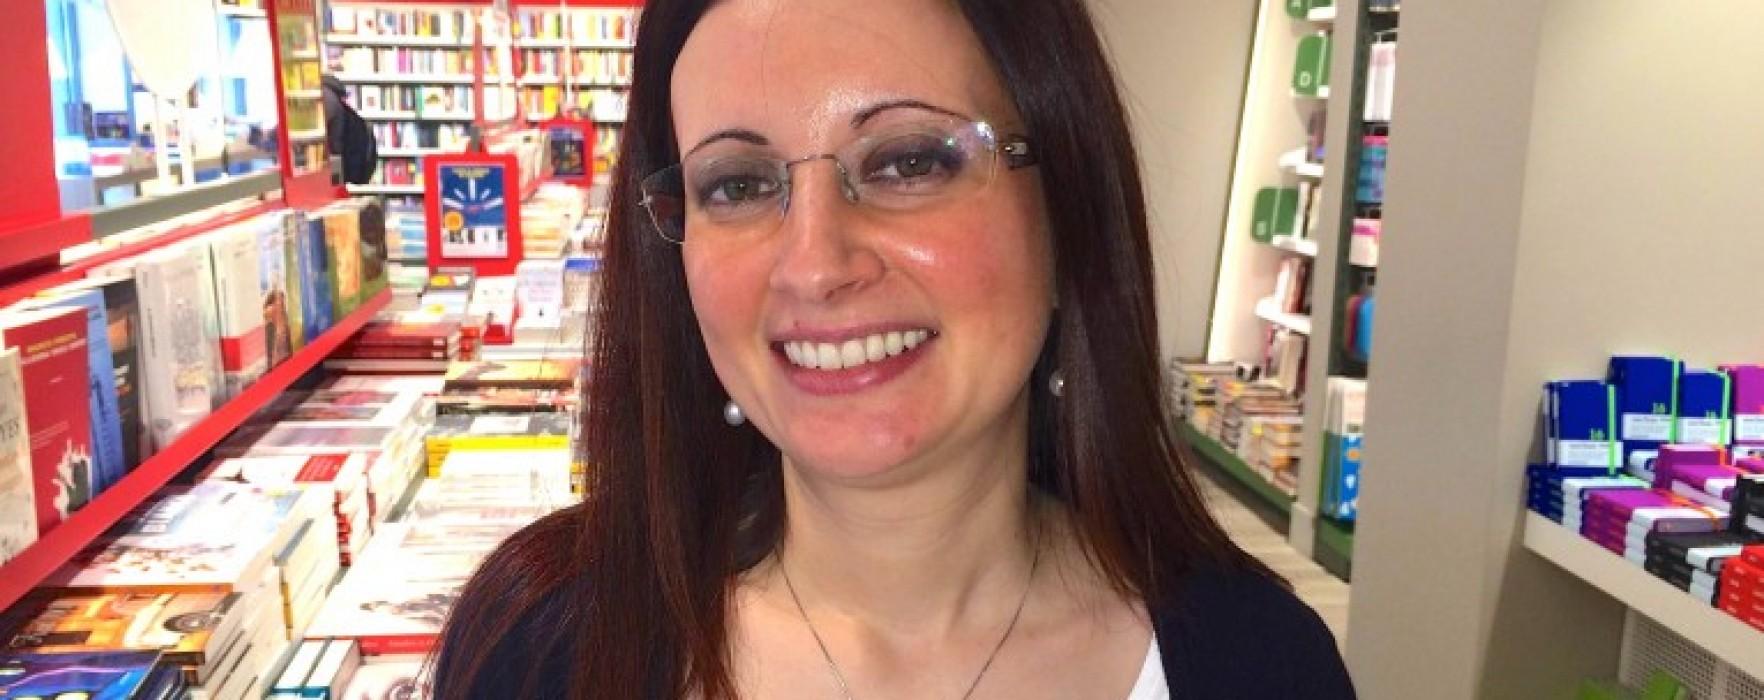 Chiara Passilongo, una nuova stella nel firmamento degli scrittori.